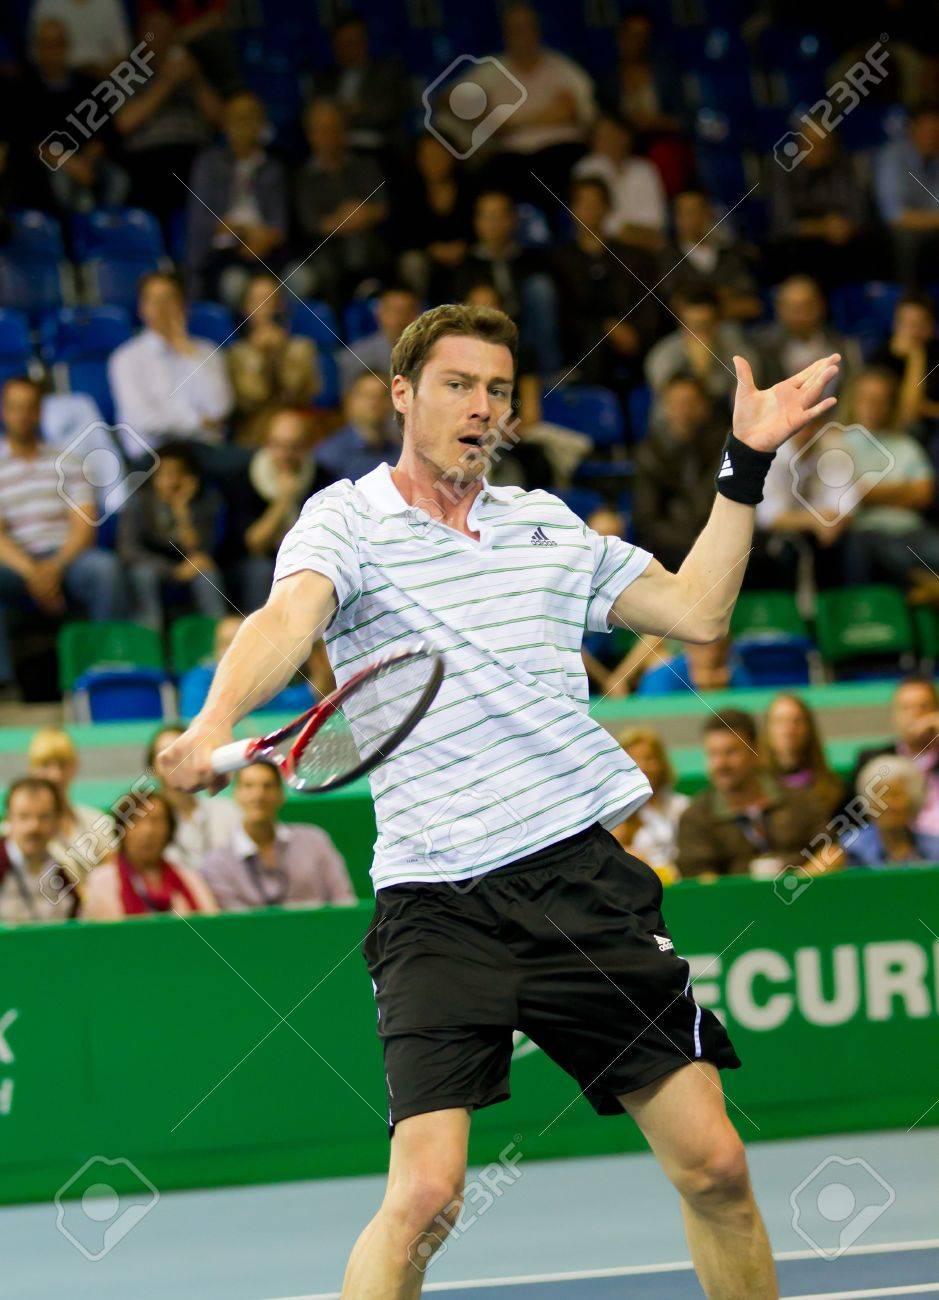 ZURICH SWITZERLAND MARCH 24 Marat Safin Plays Tennis For 3rd